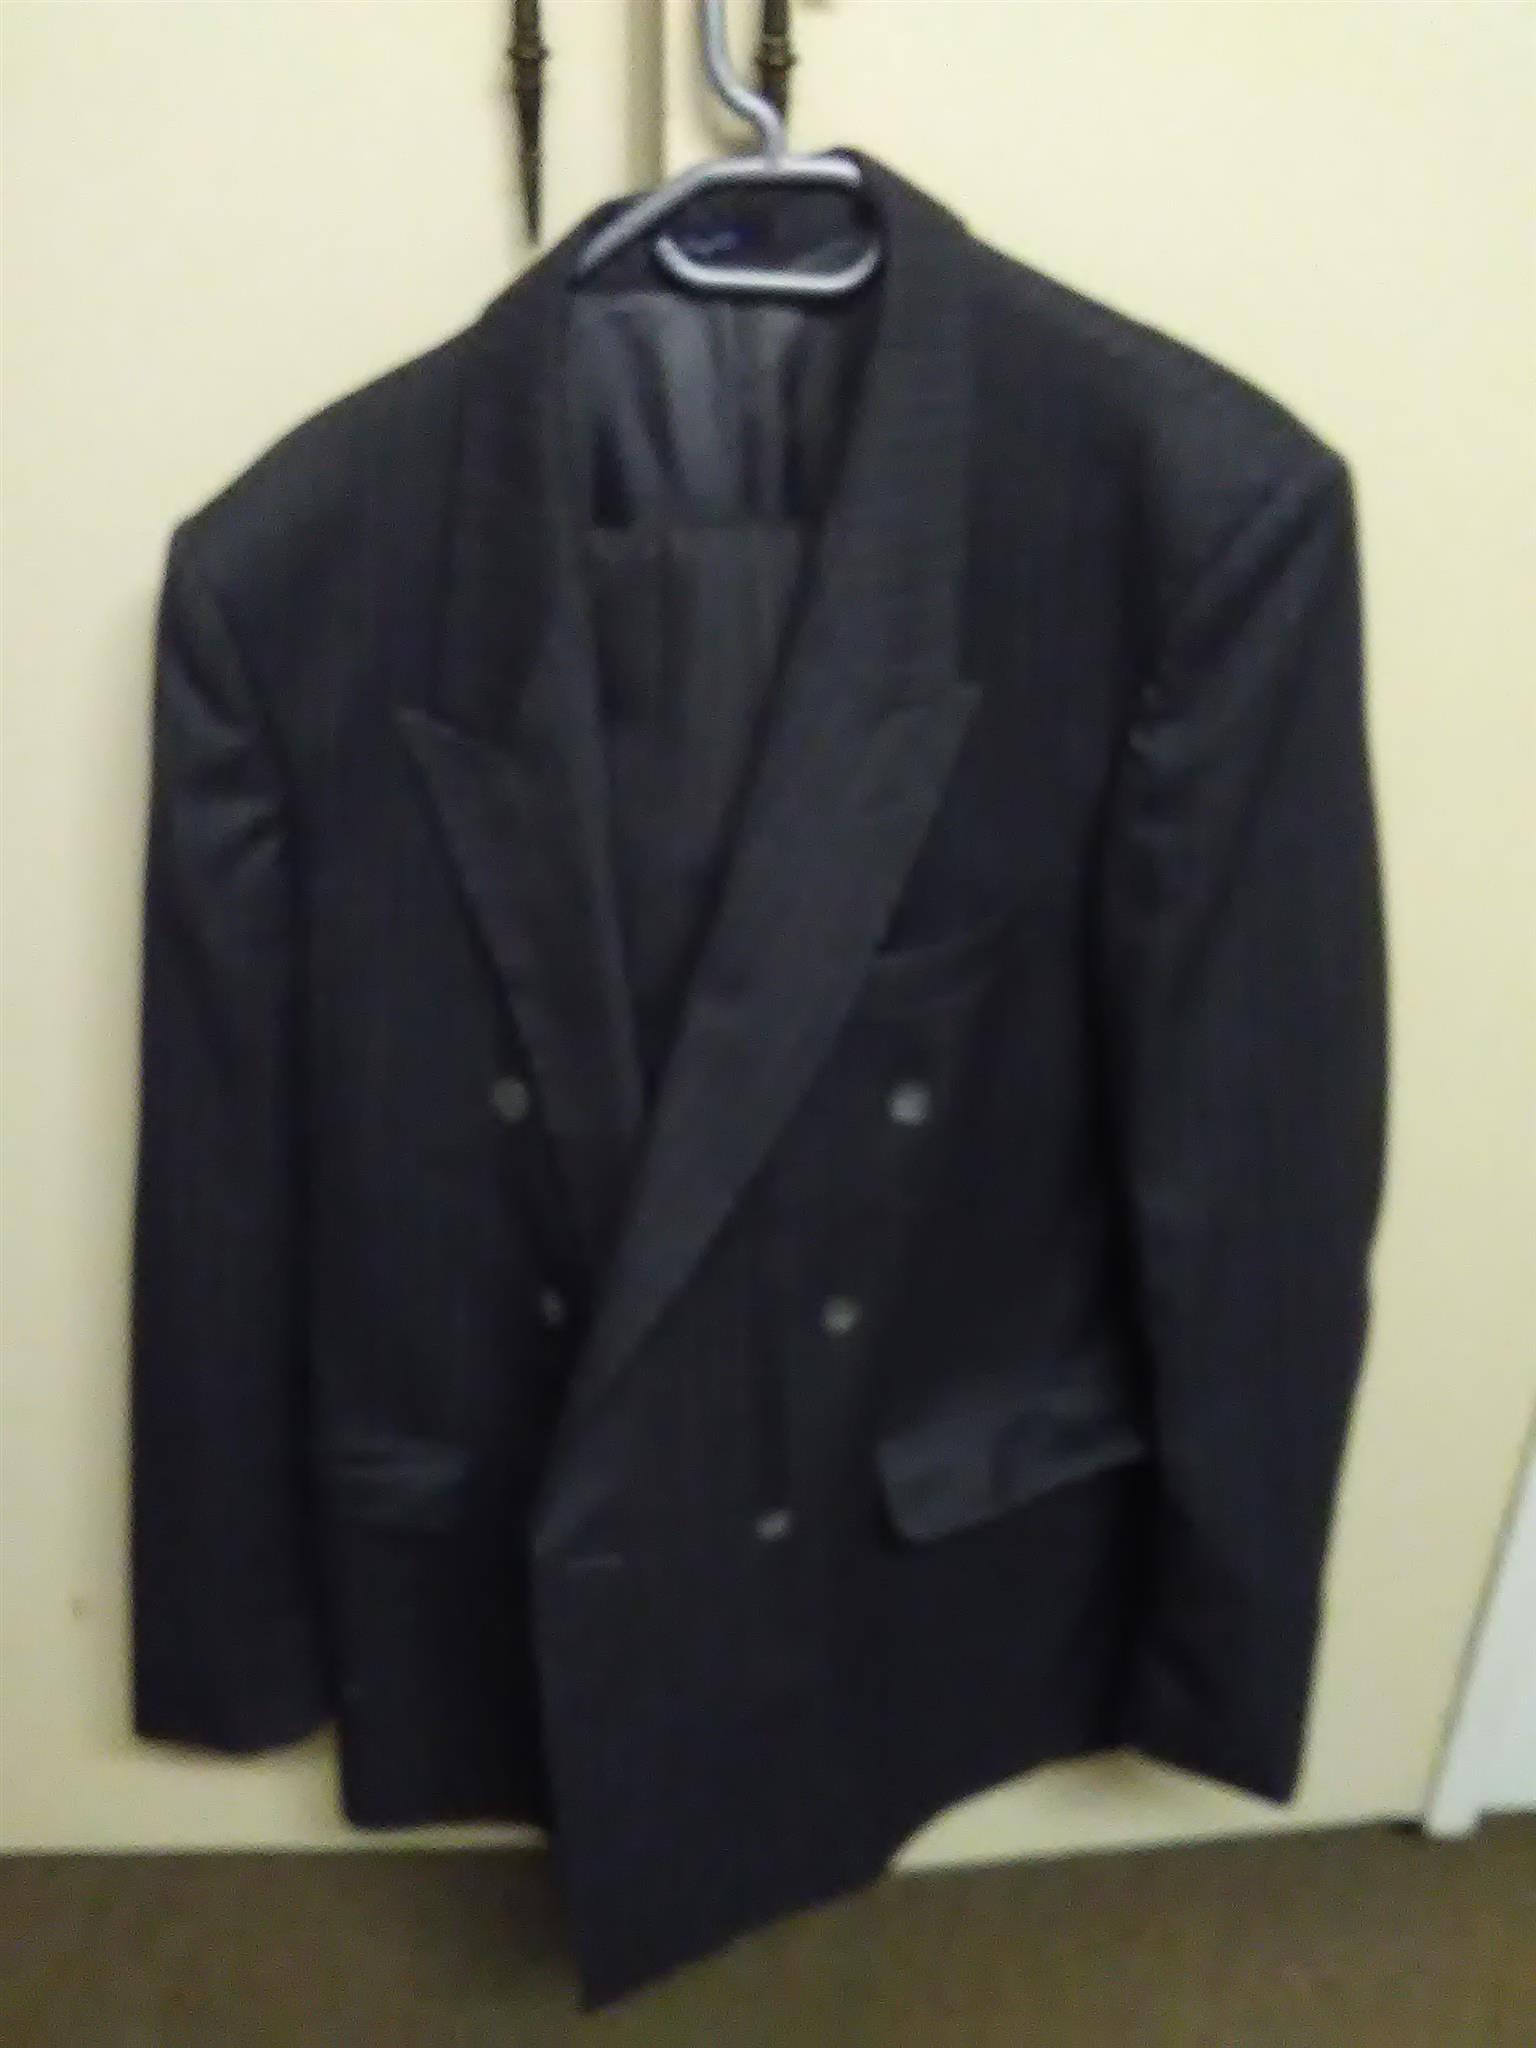 Trevira suit